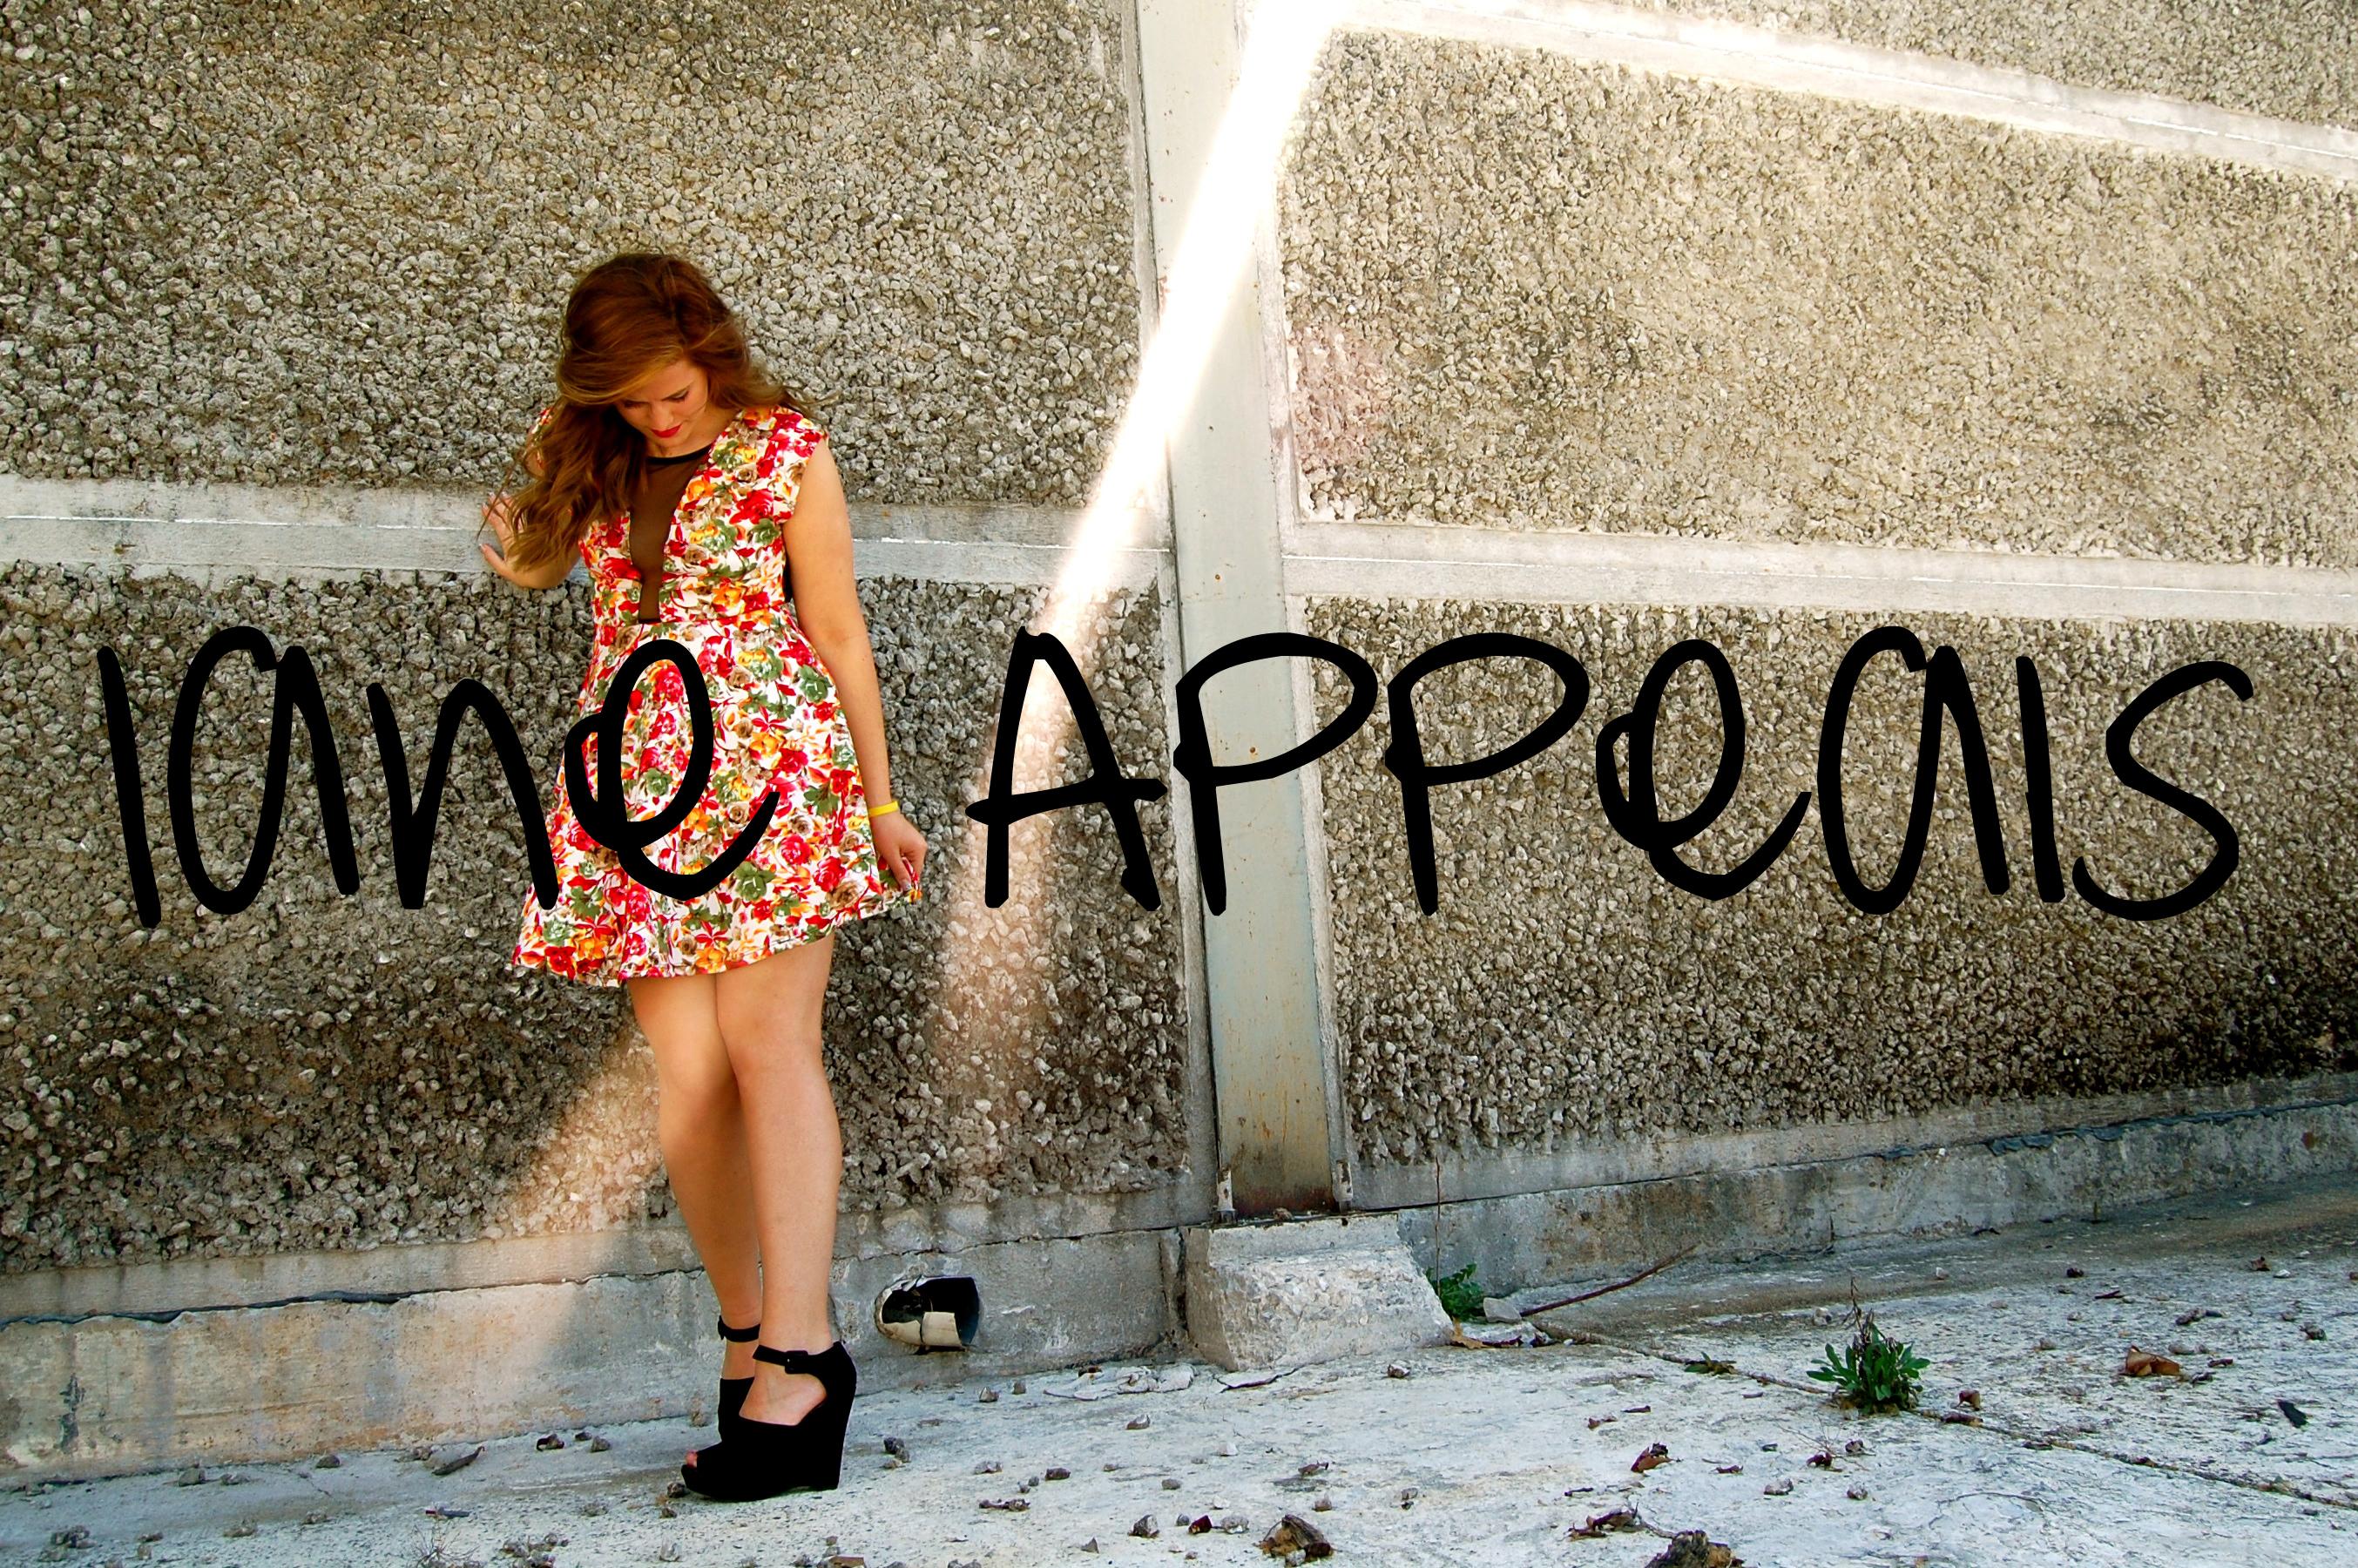 Lane Appeals